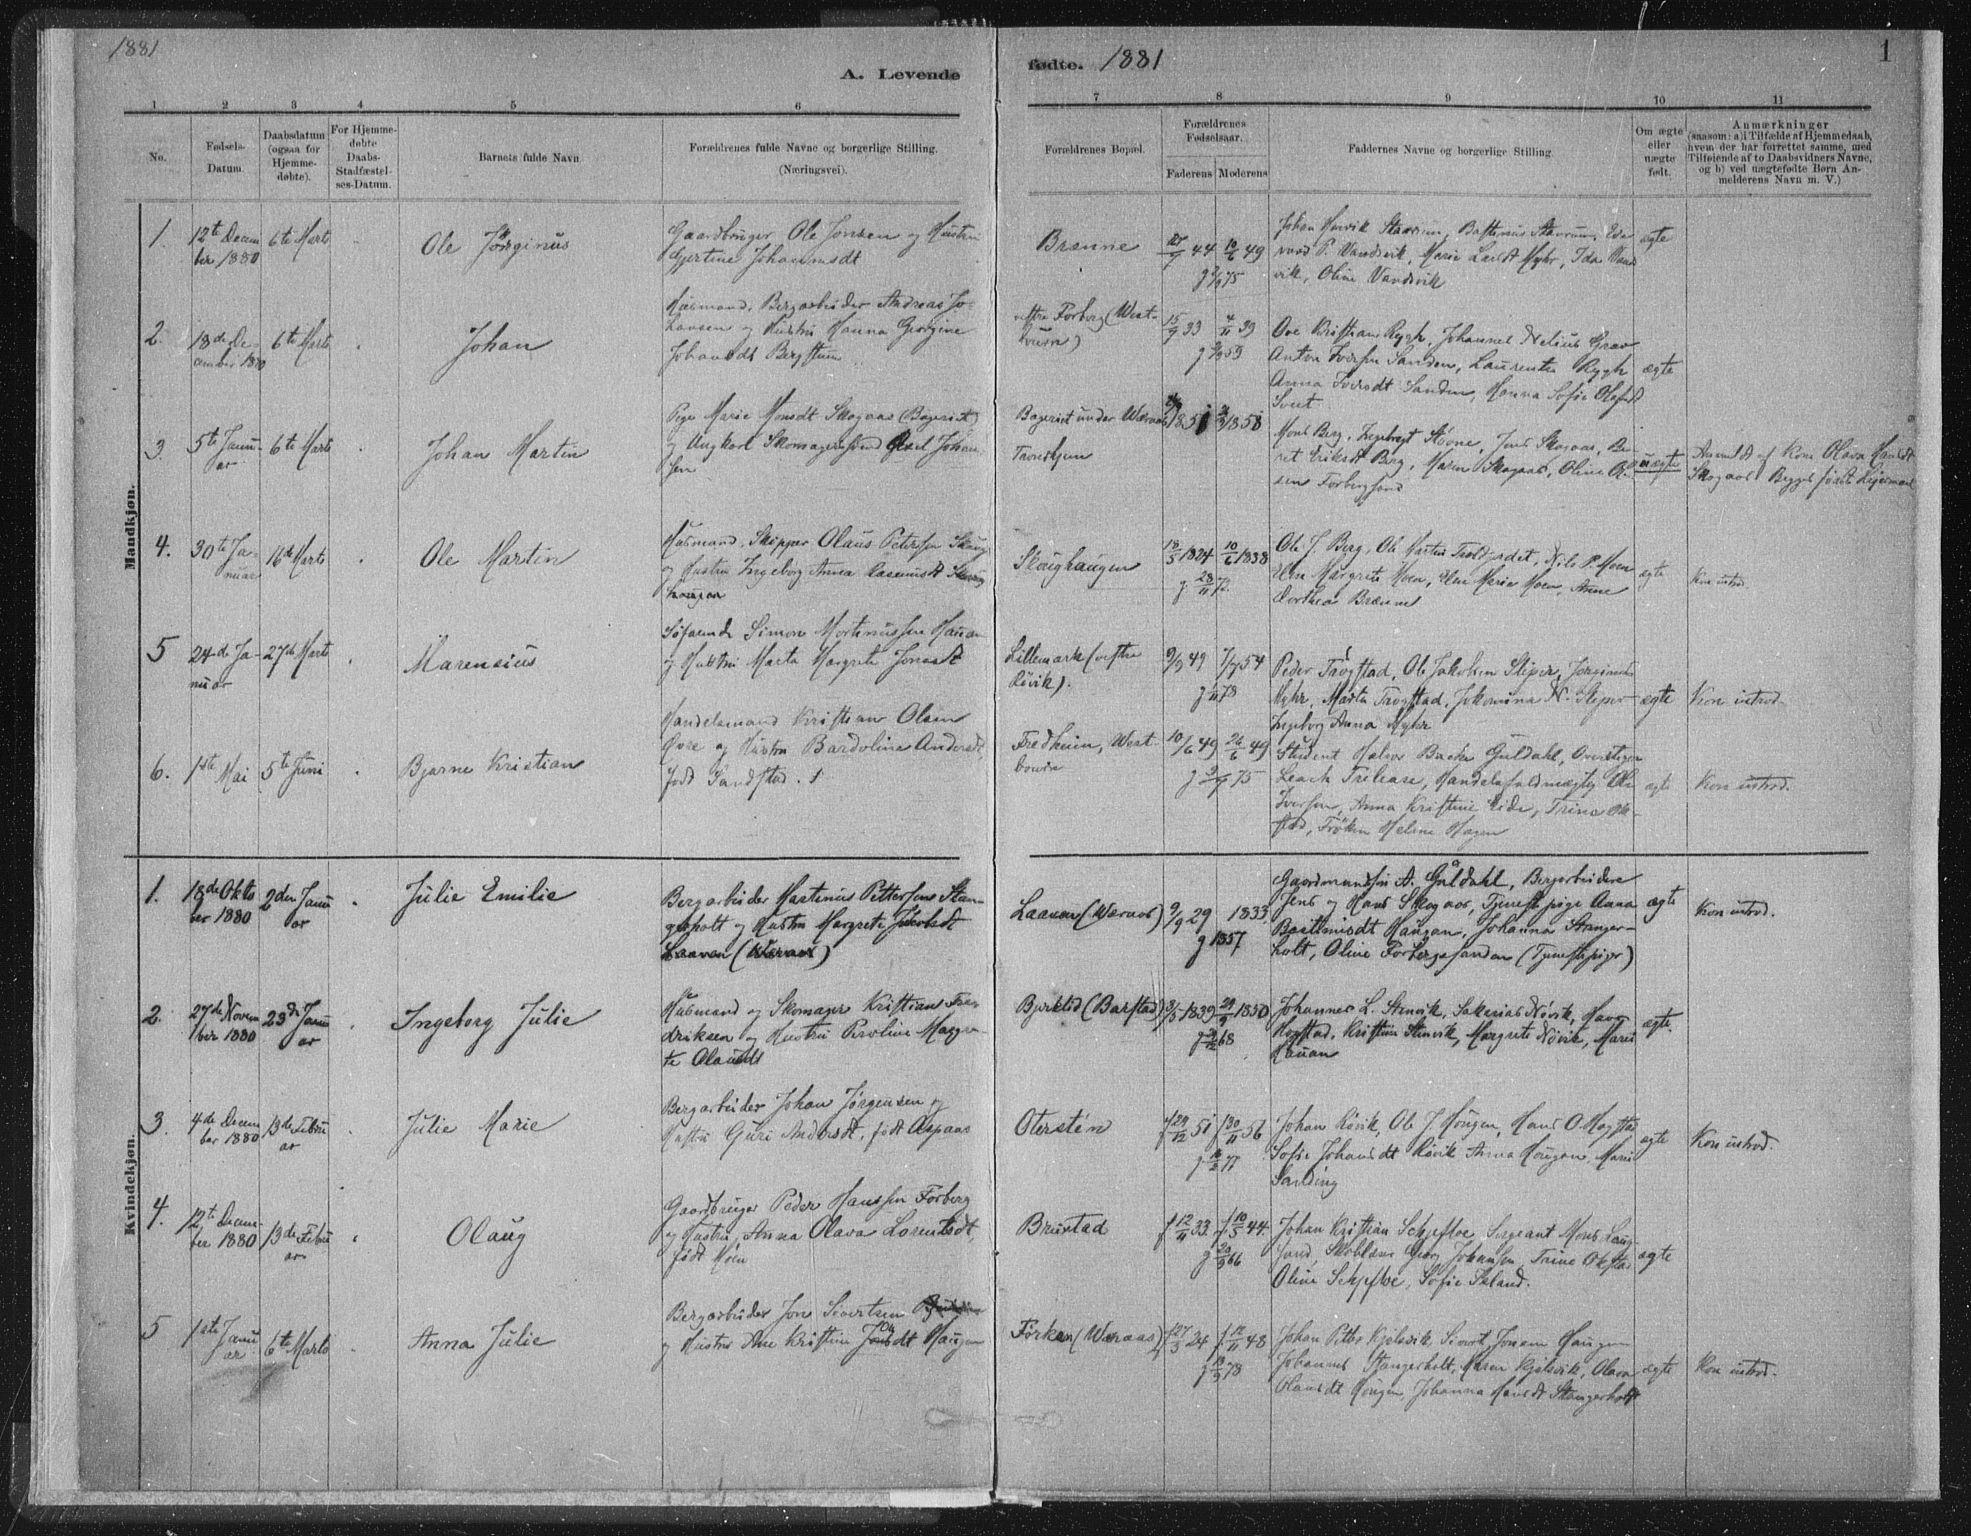 SAT, Ministerialprotokoller, klokkerbøker og fødselsregistre - Nord-Trøndelag, 722/L0220: Ministerialbok nr. 722A07, 1881-1908, s. 1